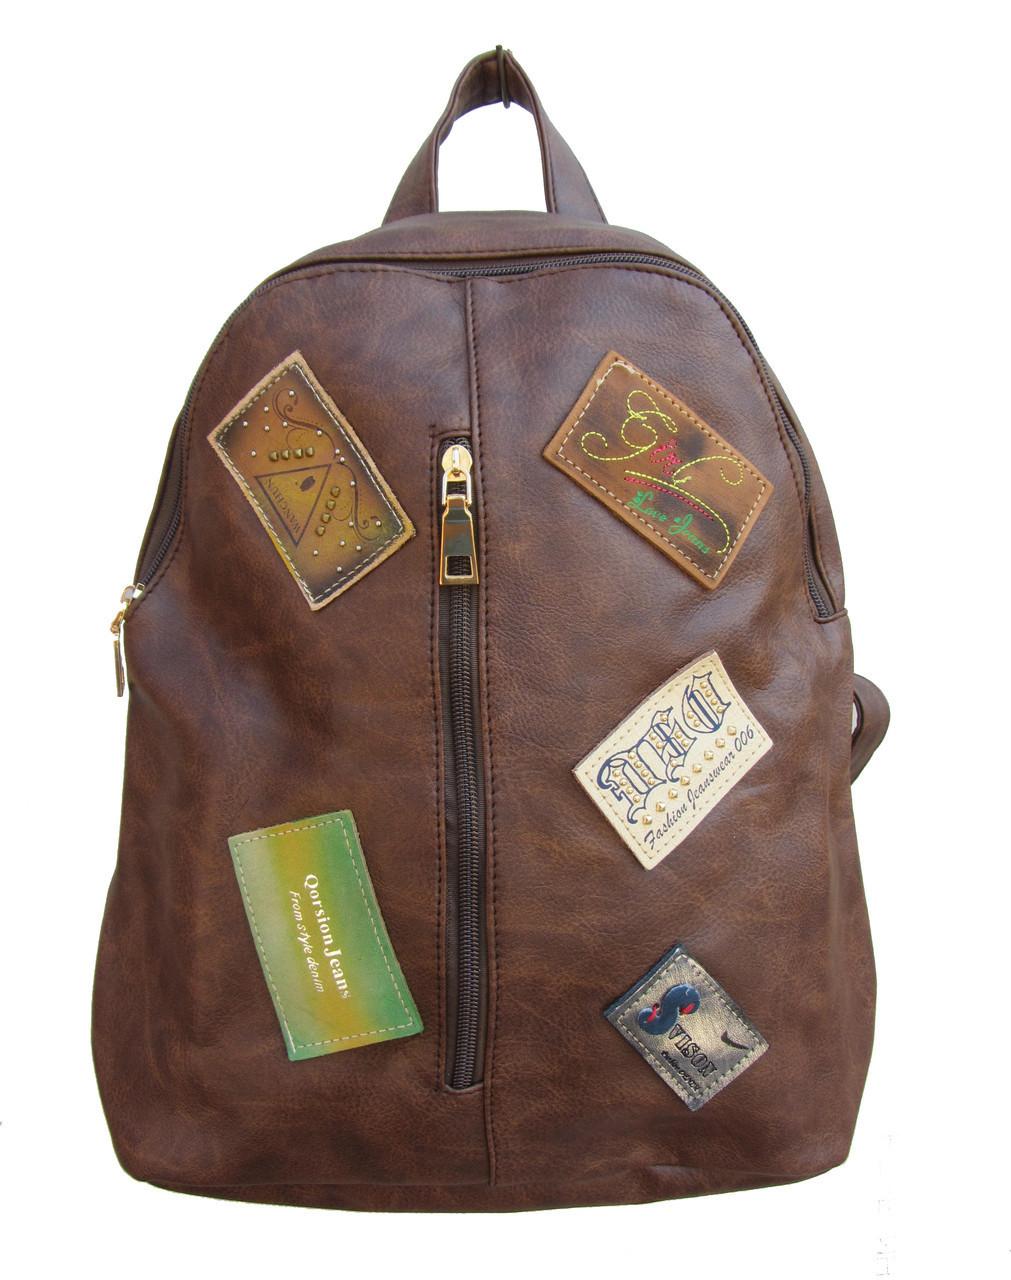 6dc3d1f7646e Кожаный стильный женский рюкзак. Новинка 2017. Выбор. Модная сумка. ЗР07 -  Интернет